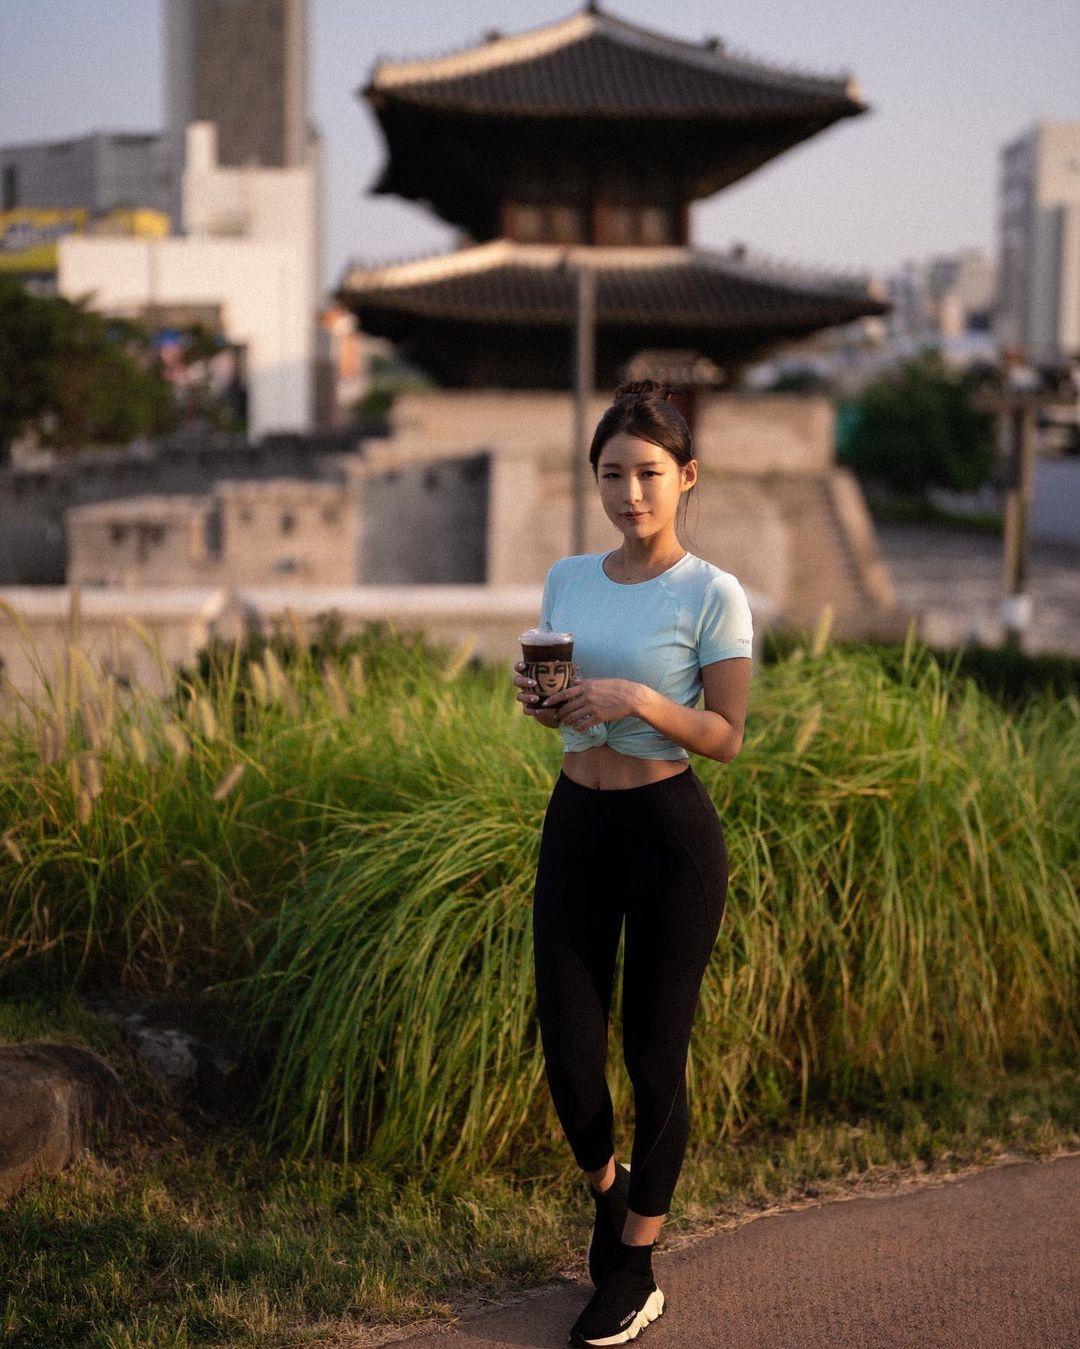 韩国高尔夫正妹Becky 狂吸 33 万粉丝好身材更让人心动 养眼图片 第15张